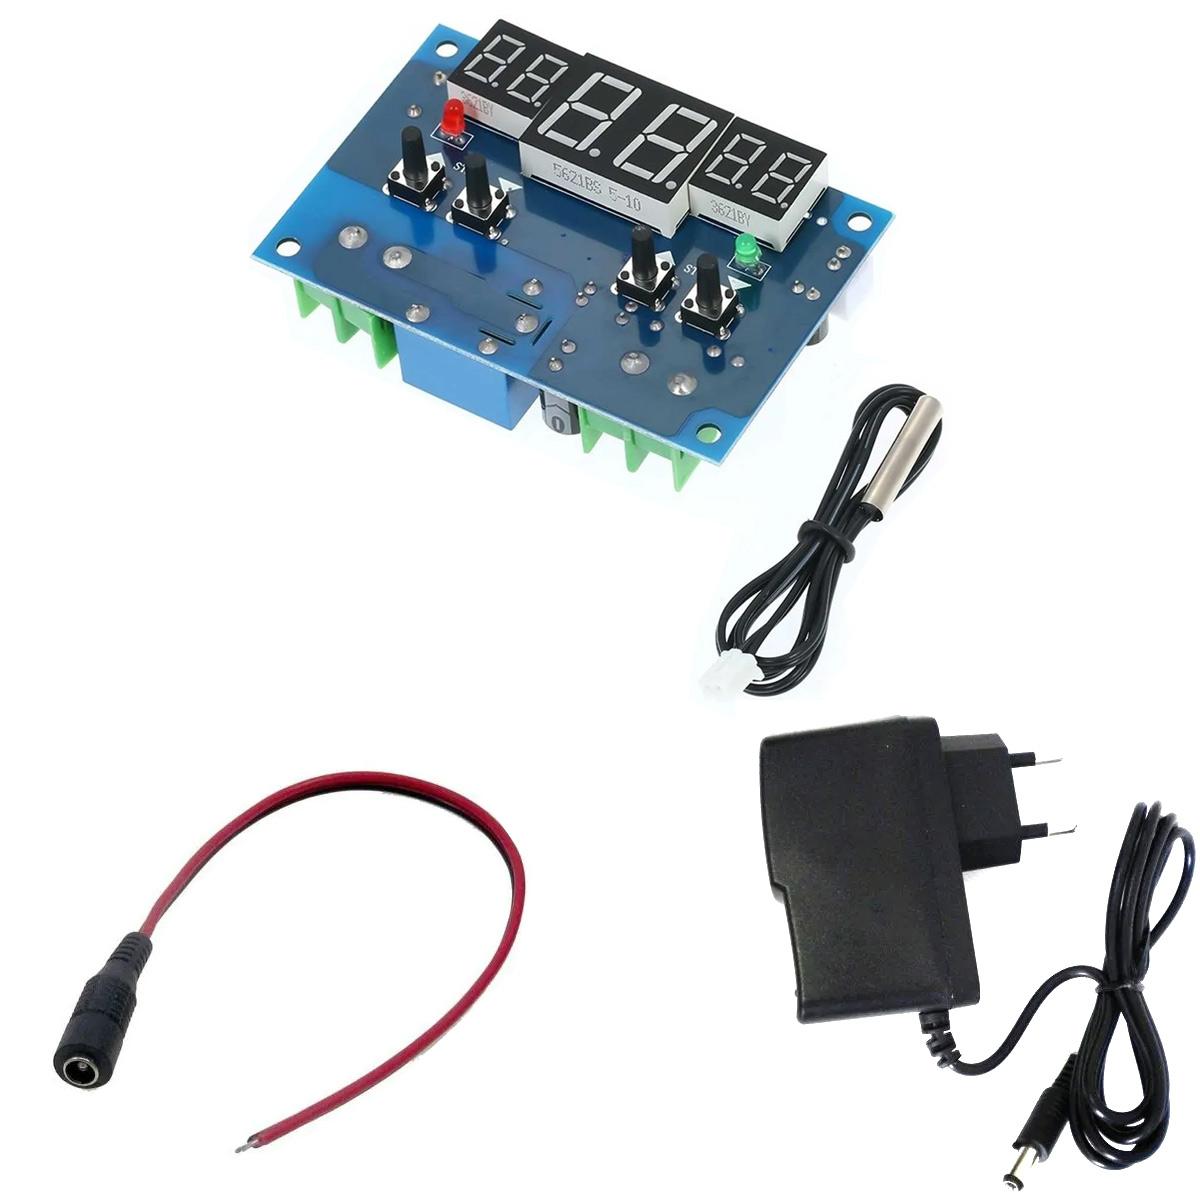 Termostato Digital XH-W1401 Aquário / Temperatura Mínima e Máxima Configurável + Fonte + Rabicho